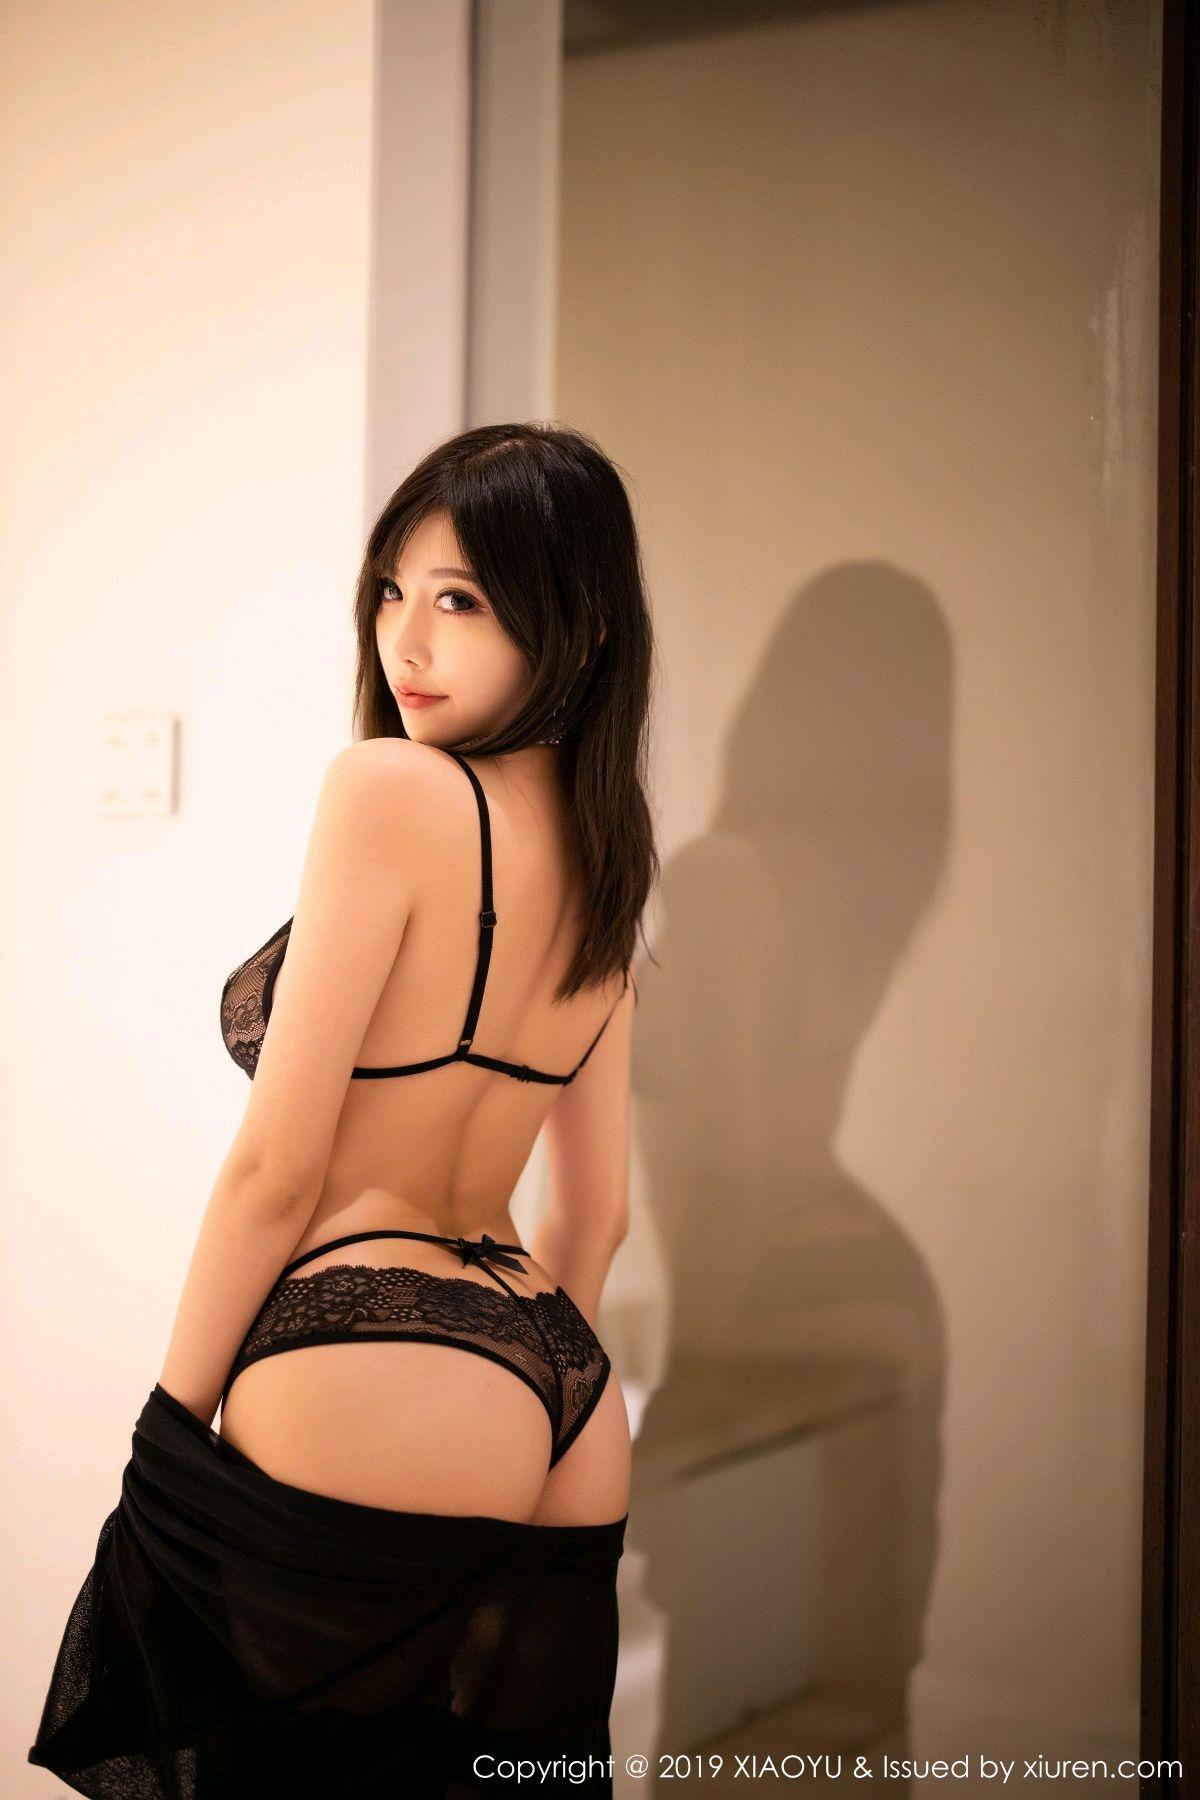 [XiaoYu] Vol.189 Yang Chen Chen 2P, Black Silk, Underwear, XiaoYu, Yang Chen Chen